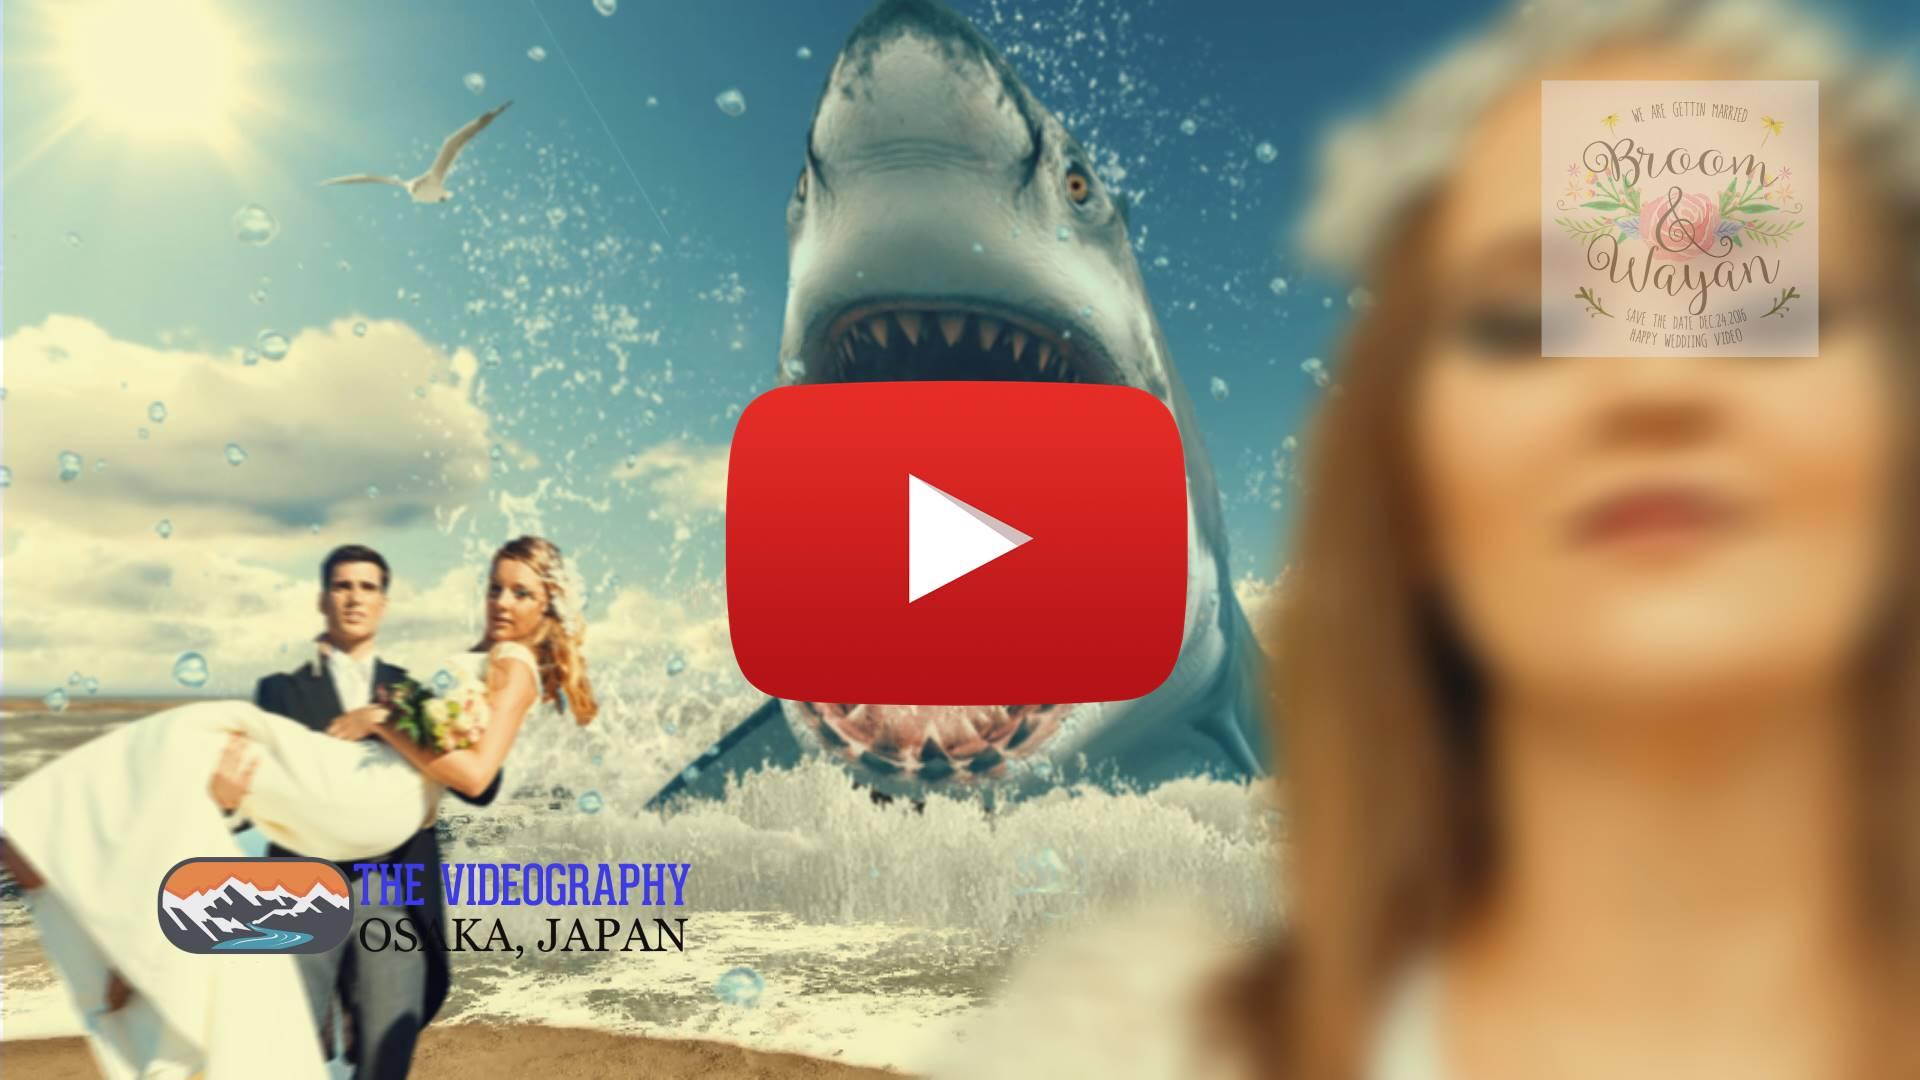 Parody Movie@Jaws / 海外映画ジョーズ風のオープニングパロディ映像